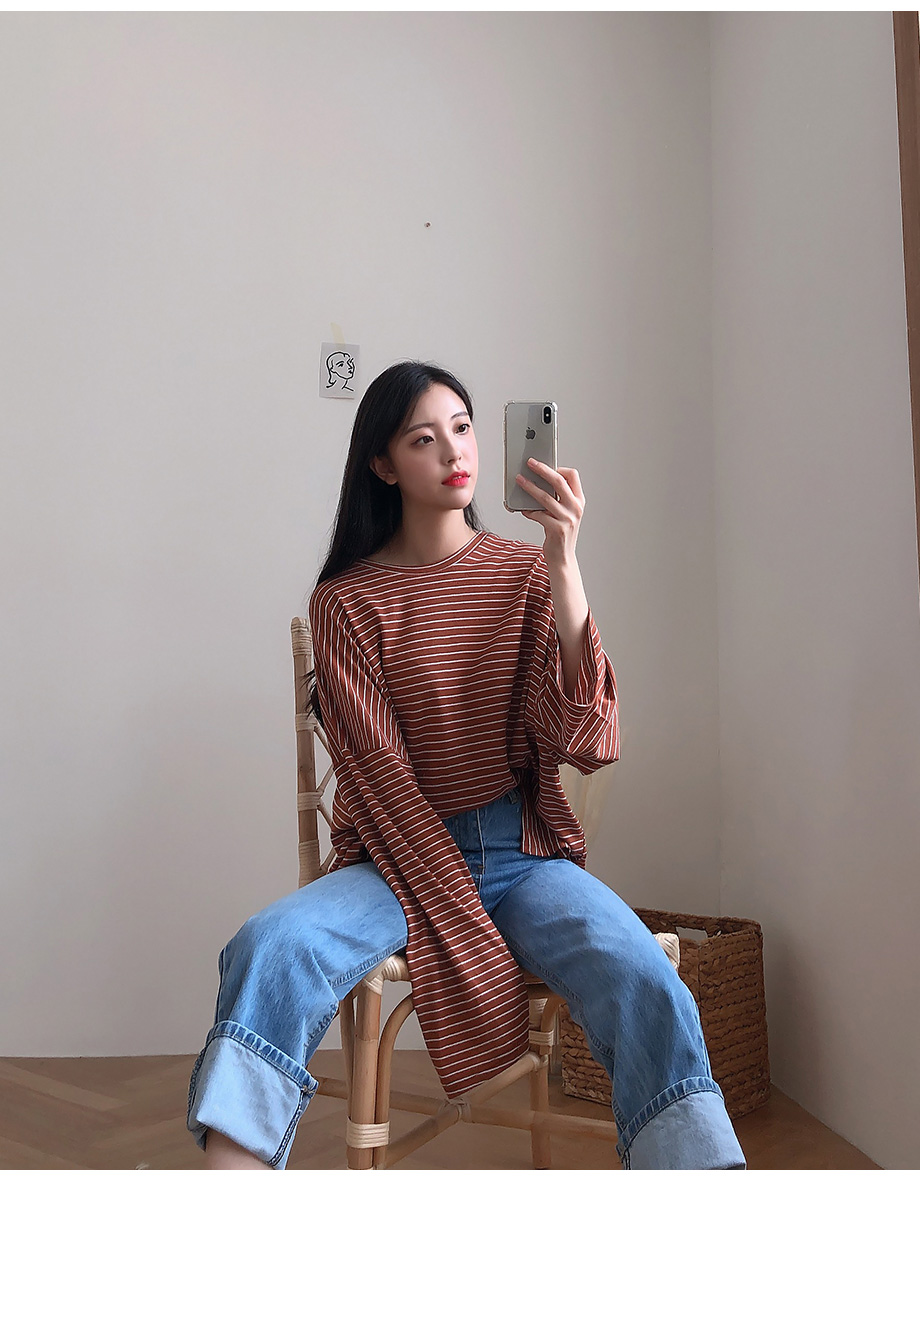 리리앤코 코튼볼 스트라이프 루즈핏 티셔츠